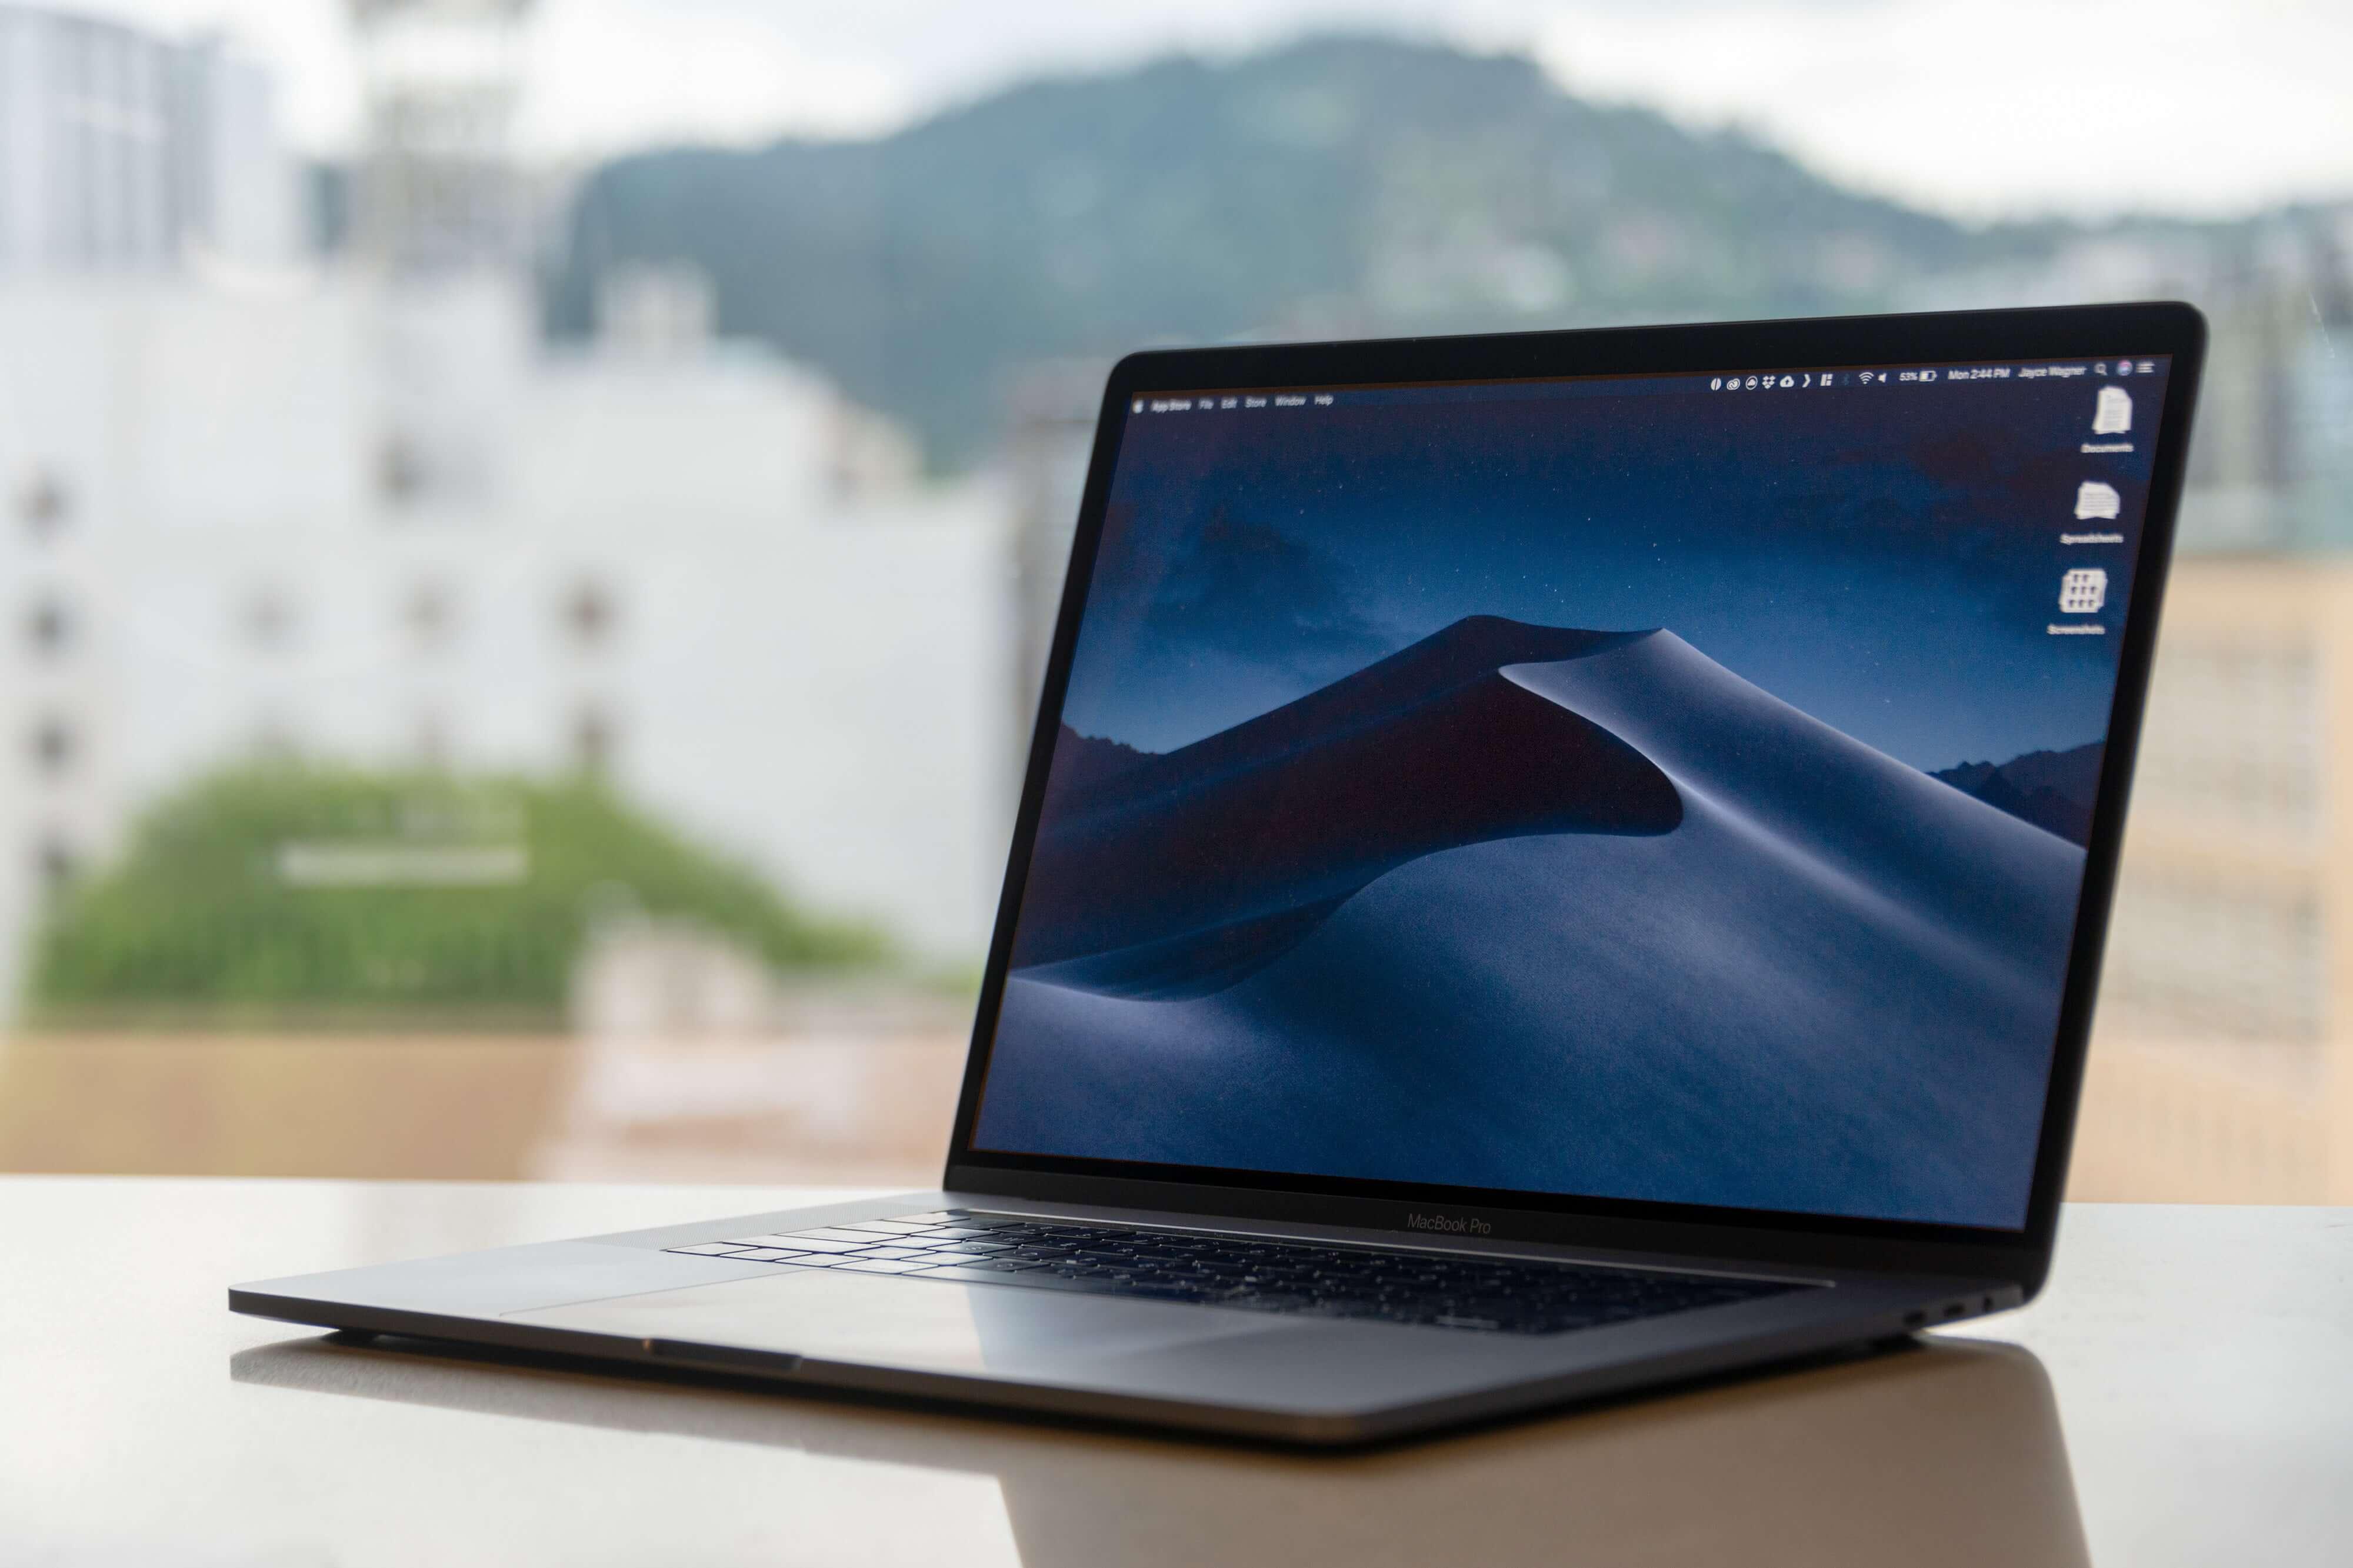 Safari под Mac сможет отображать сайты в темном режиме